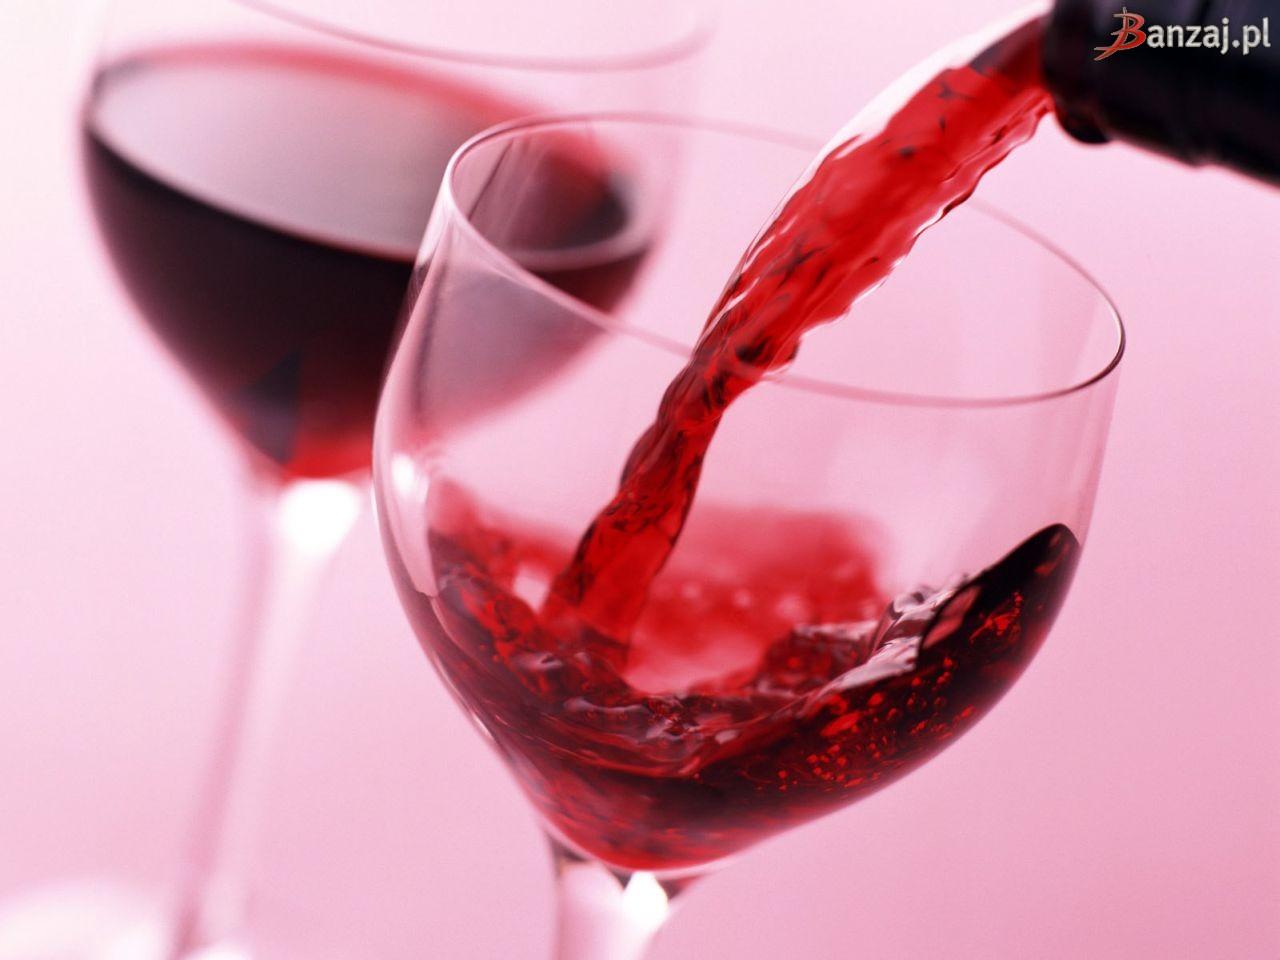 wino_11.jpg